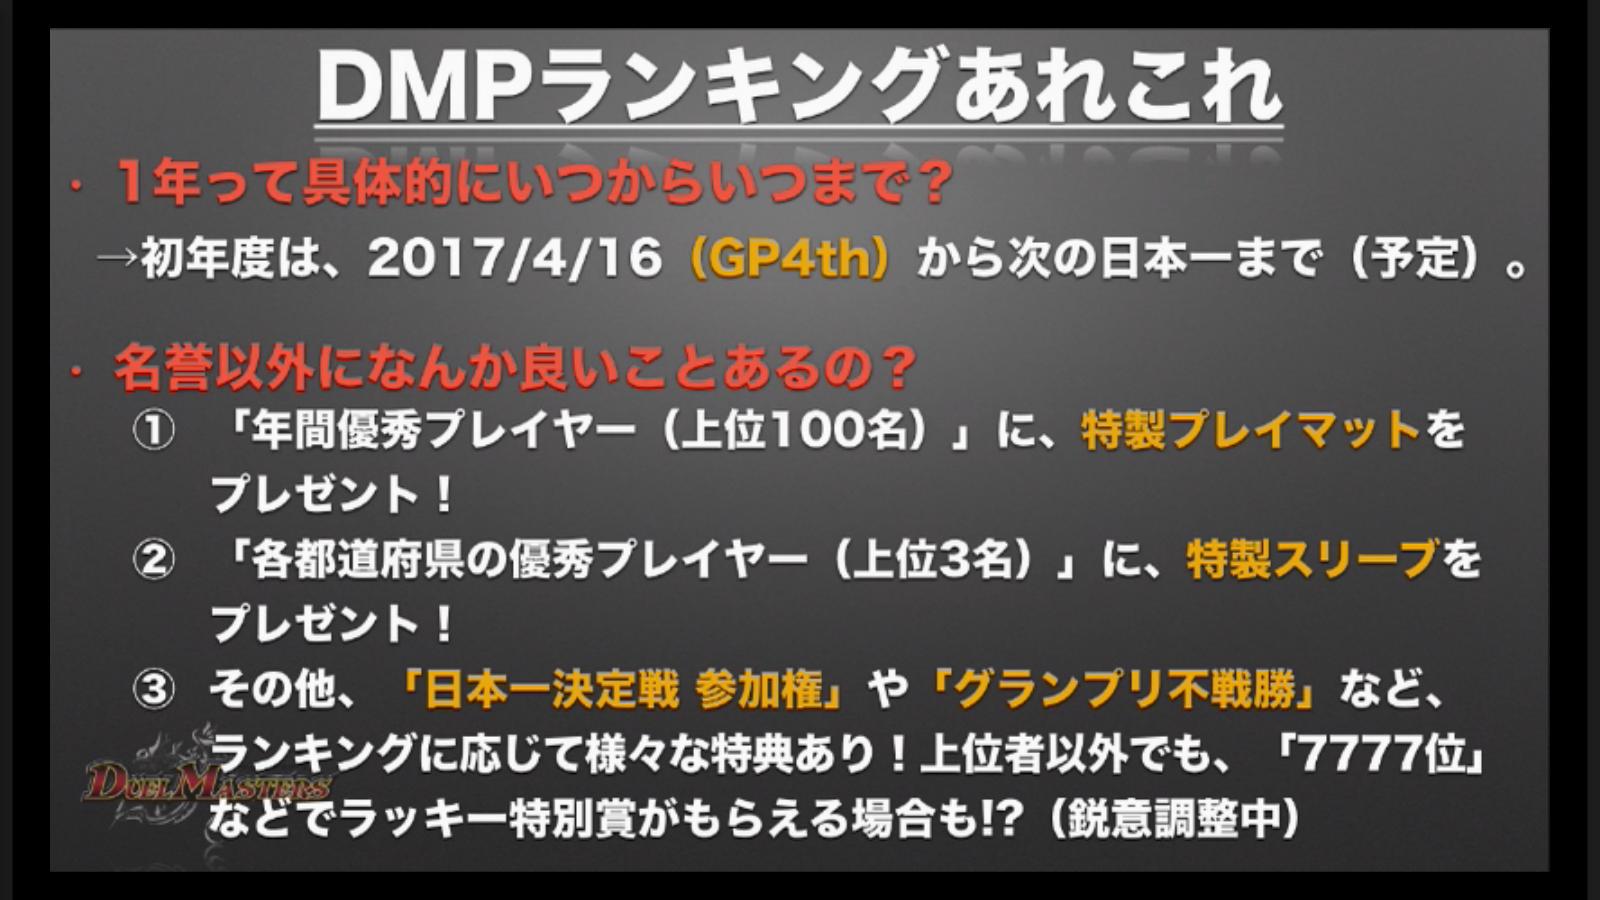 dm-kakumei-finalcup-news-170226-078.jpg